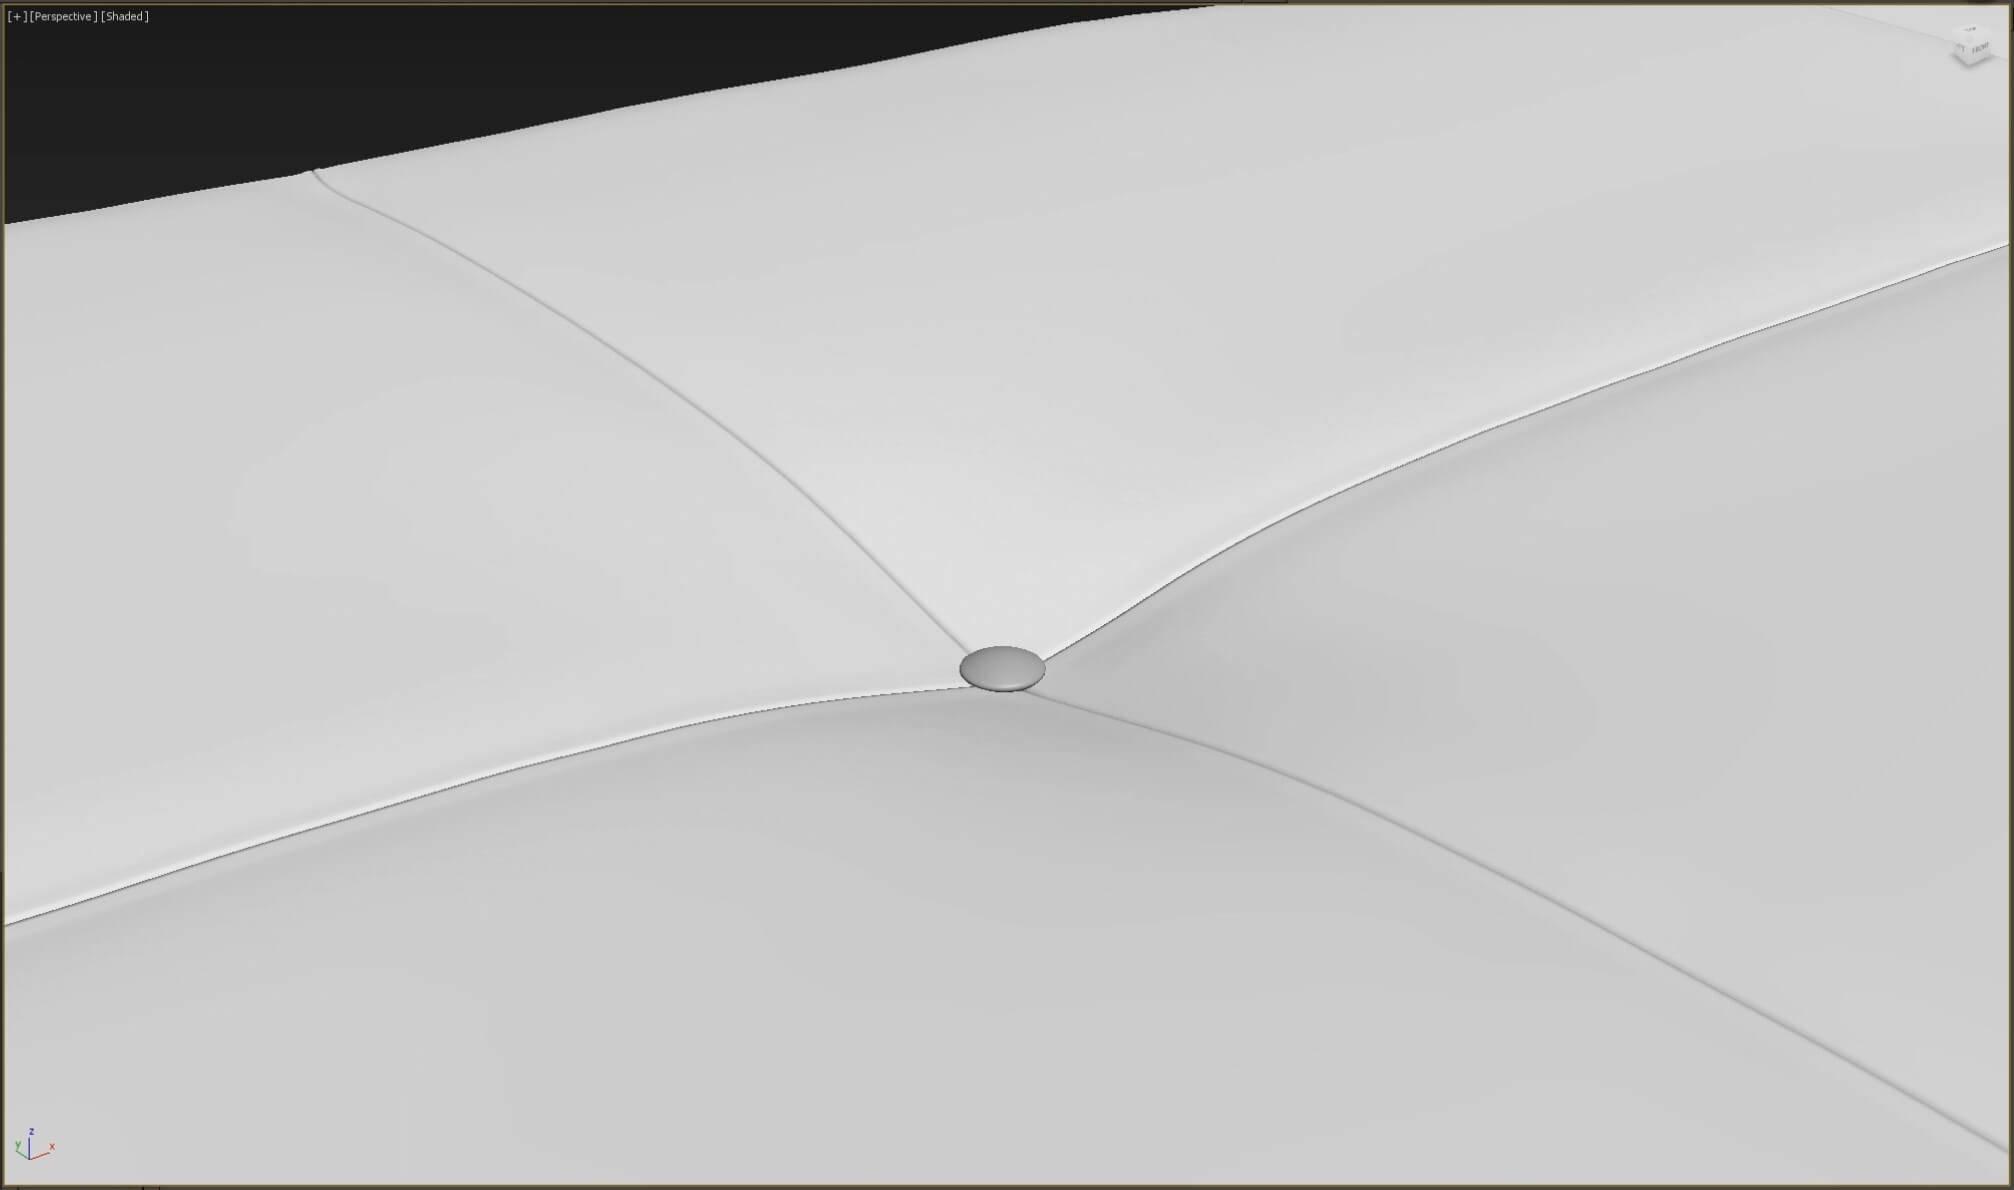 Как создать 3d модель прикроватной скамьи DV Home Quilt в 3dsMax, Marvelous Designer_8